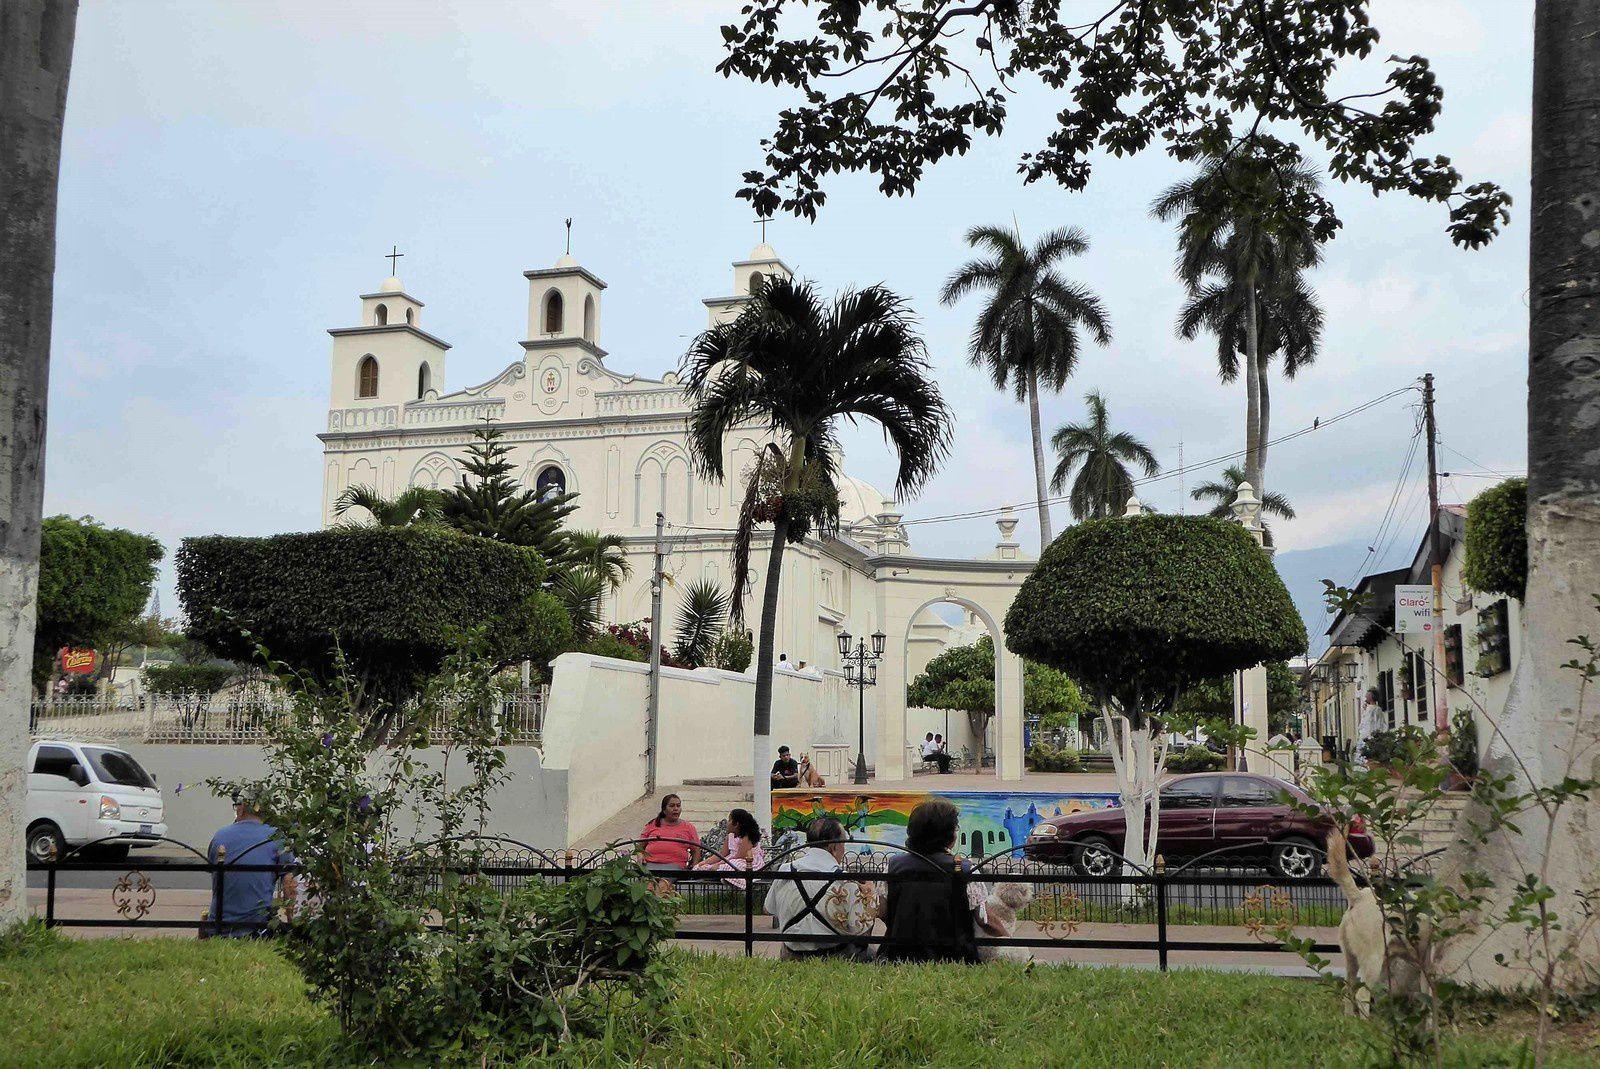 Un charme certain le Parc Central devant la mairie et l'église d'Ahuachapan